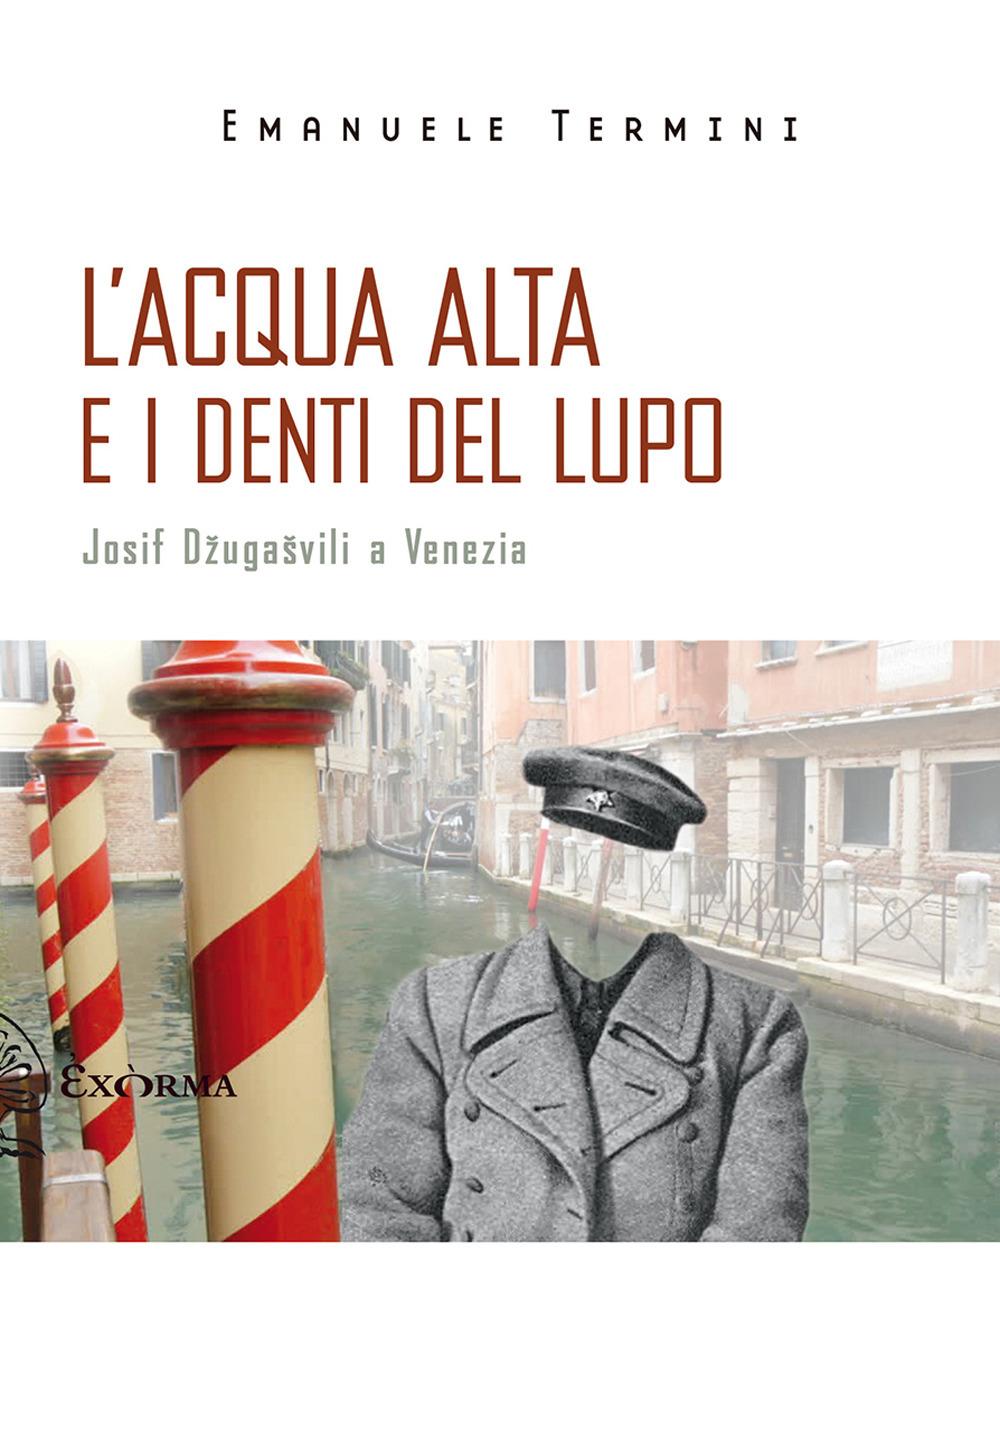 L'acqua alta e i denti del lupo. Josif Dzugasvili a Venezia